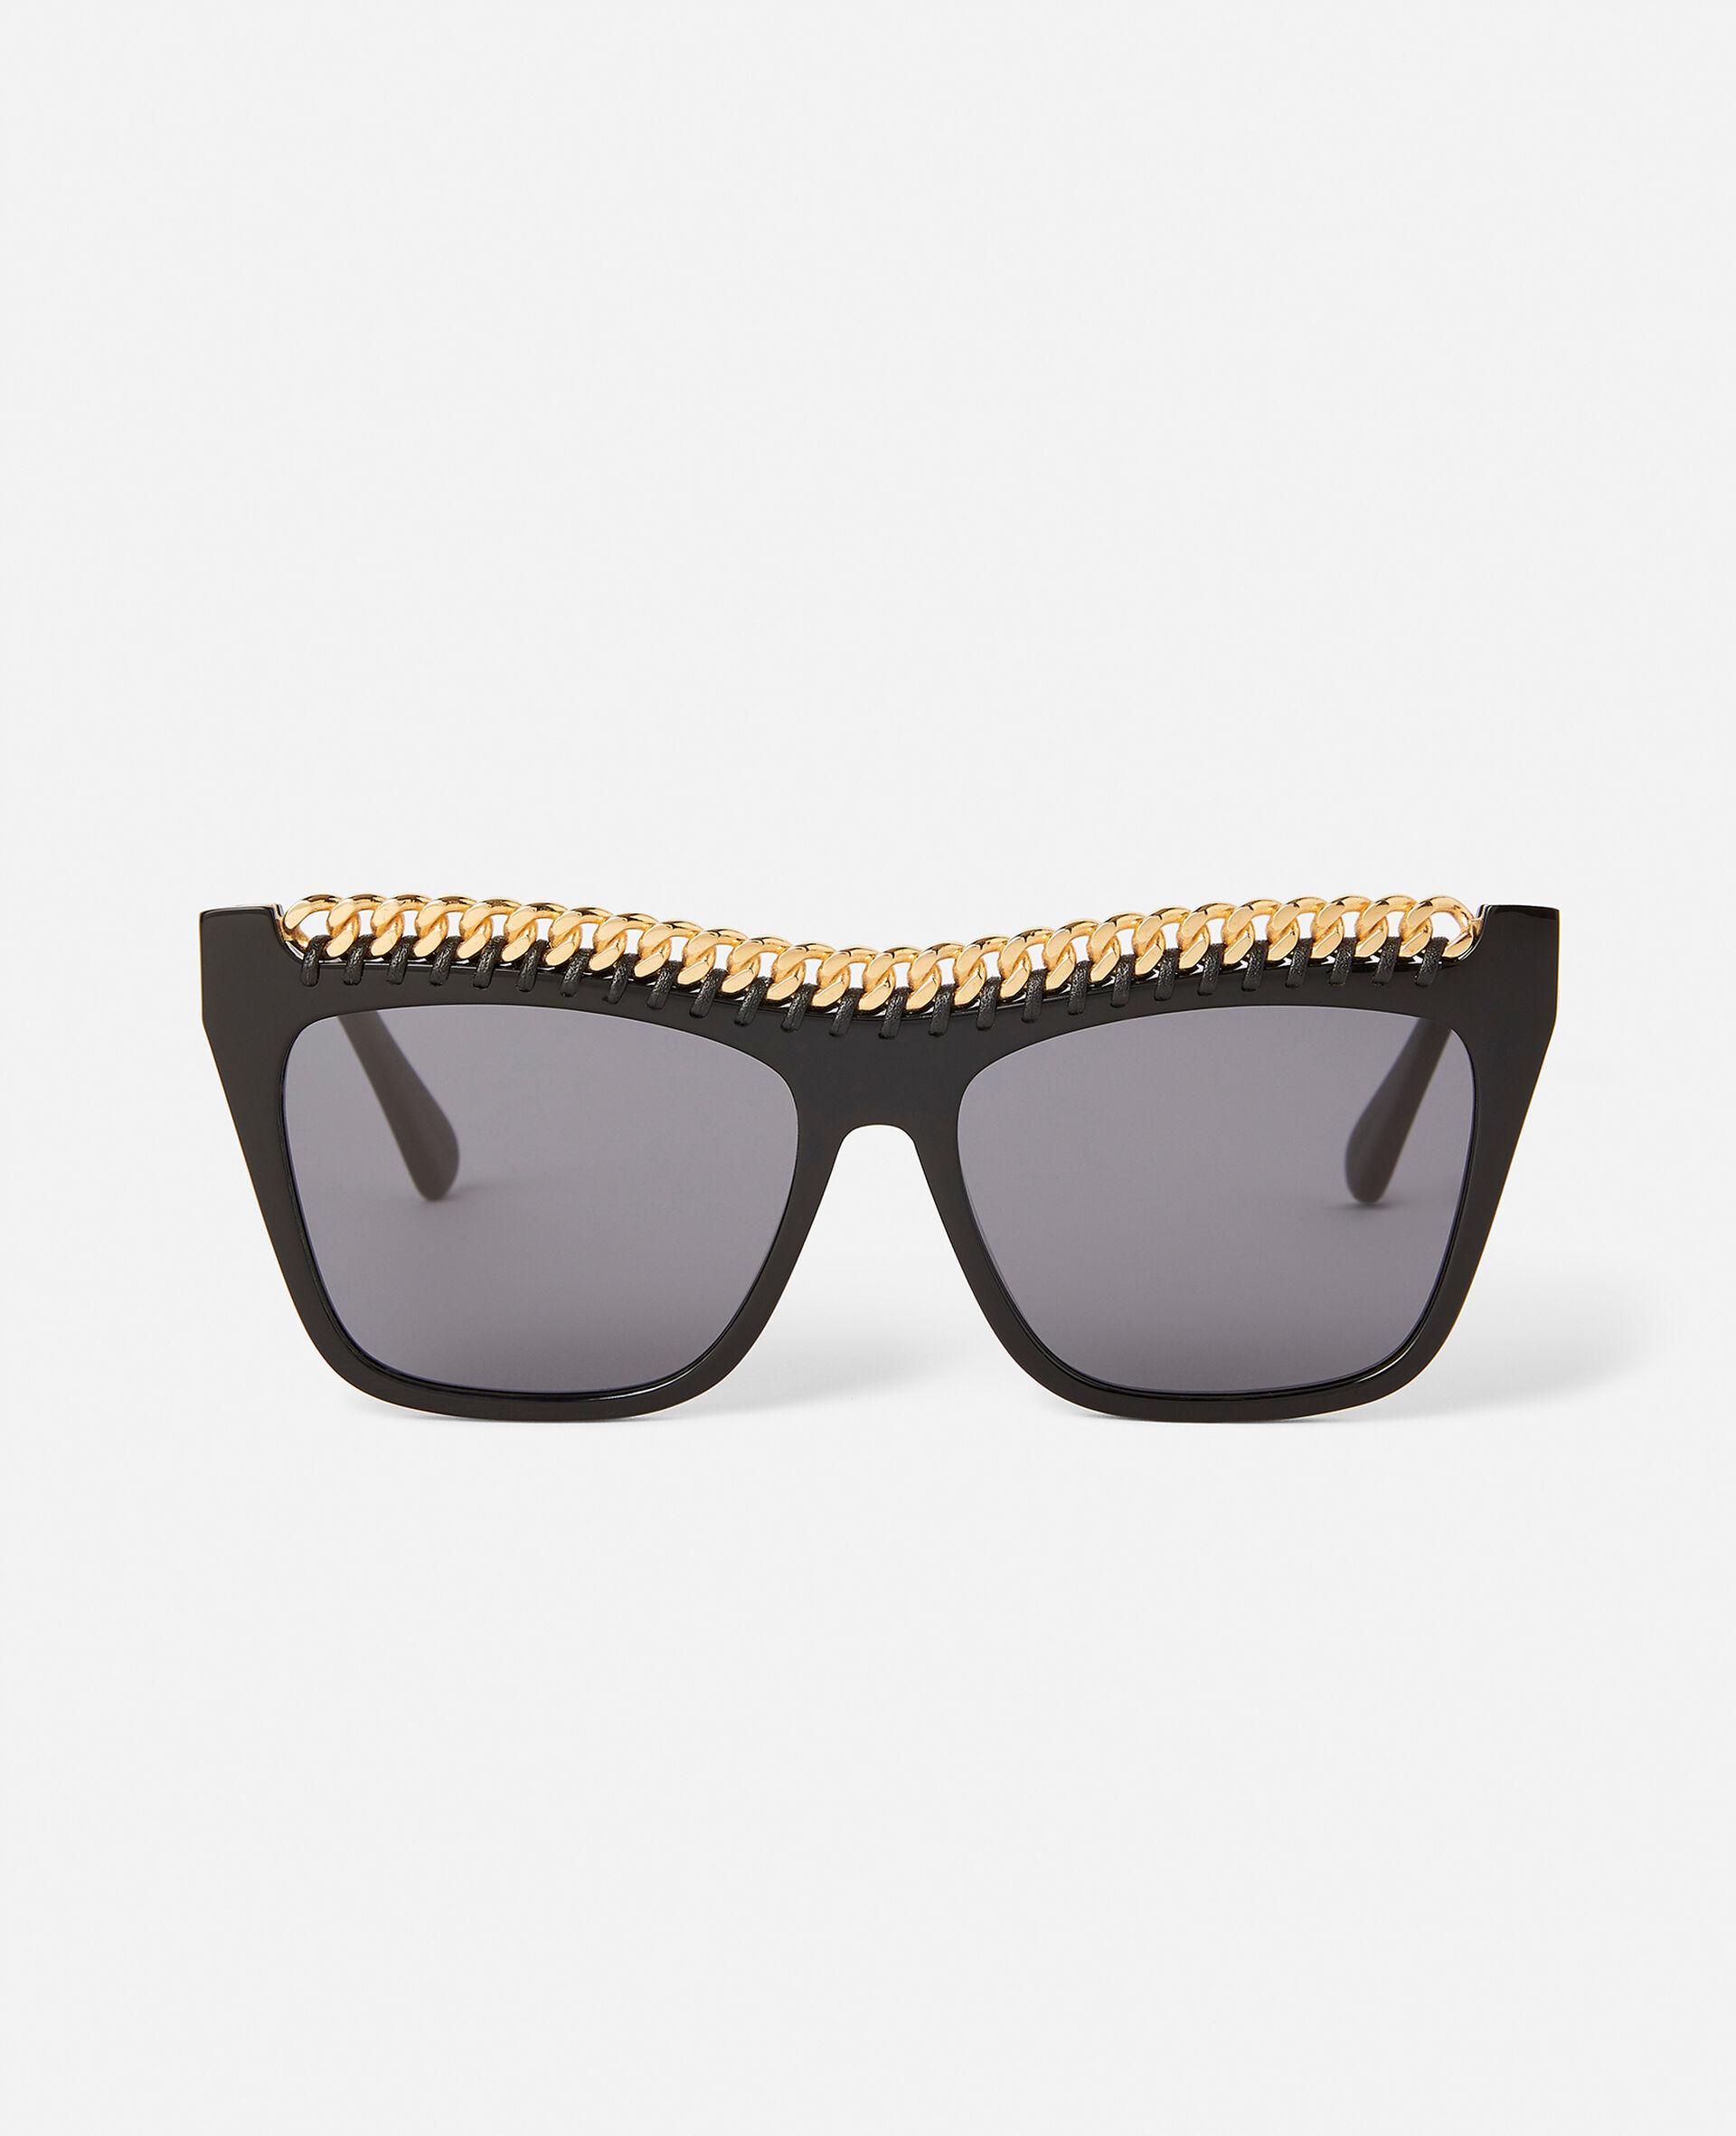 Shiny Black Square Sunglasses-Black-large image number 0